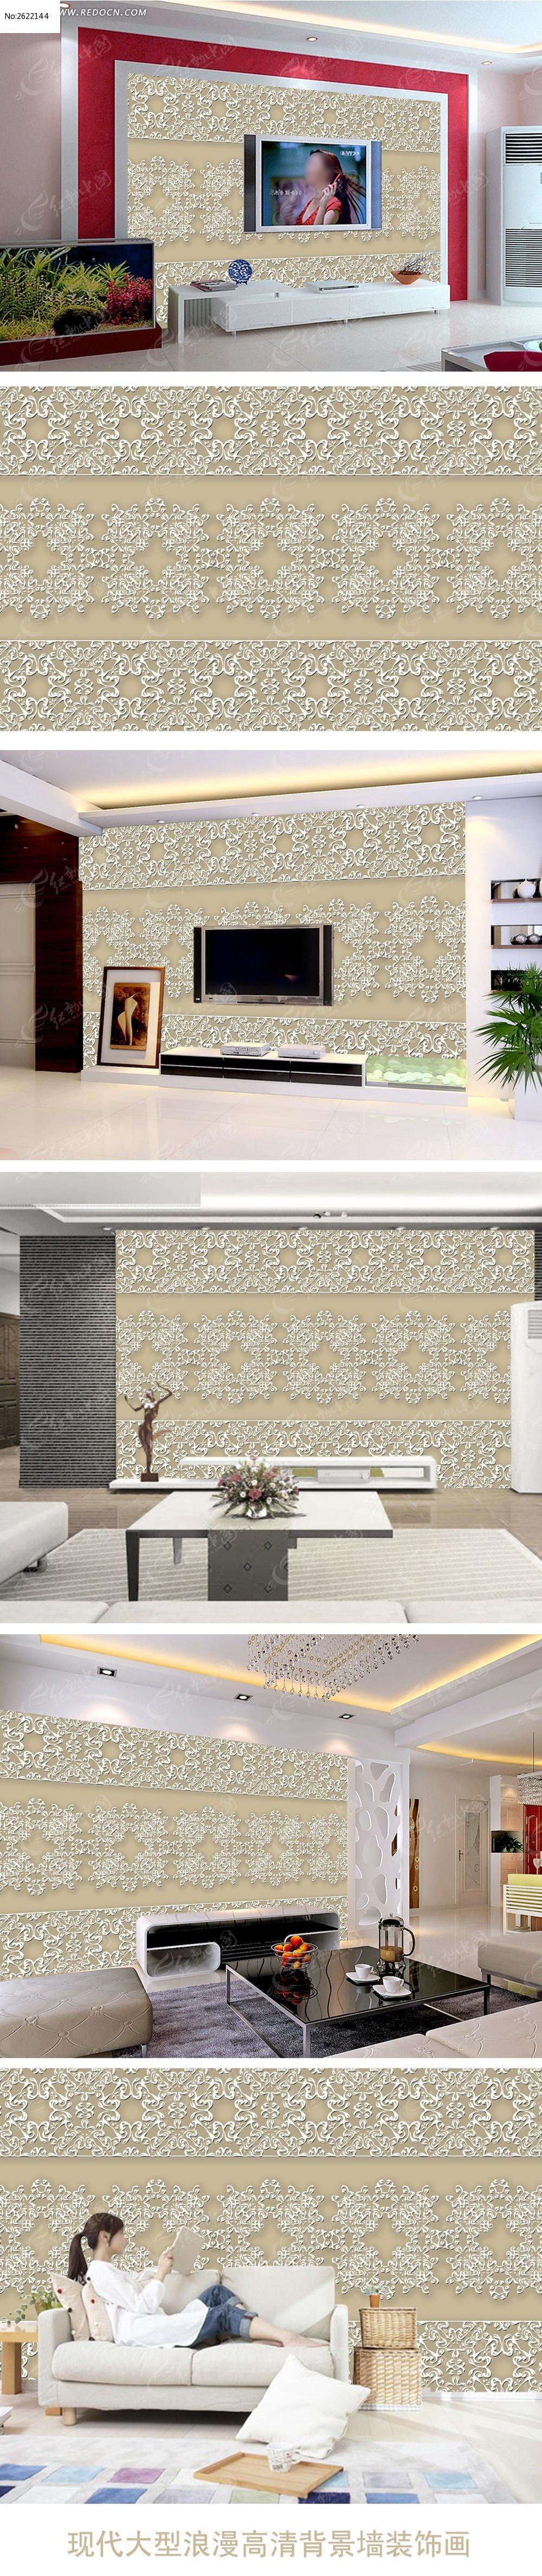 欧式花纹电视背景墙设计